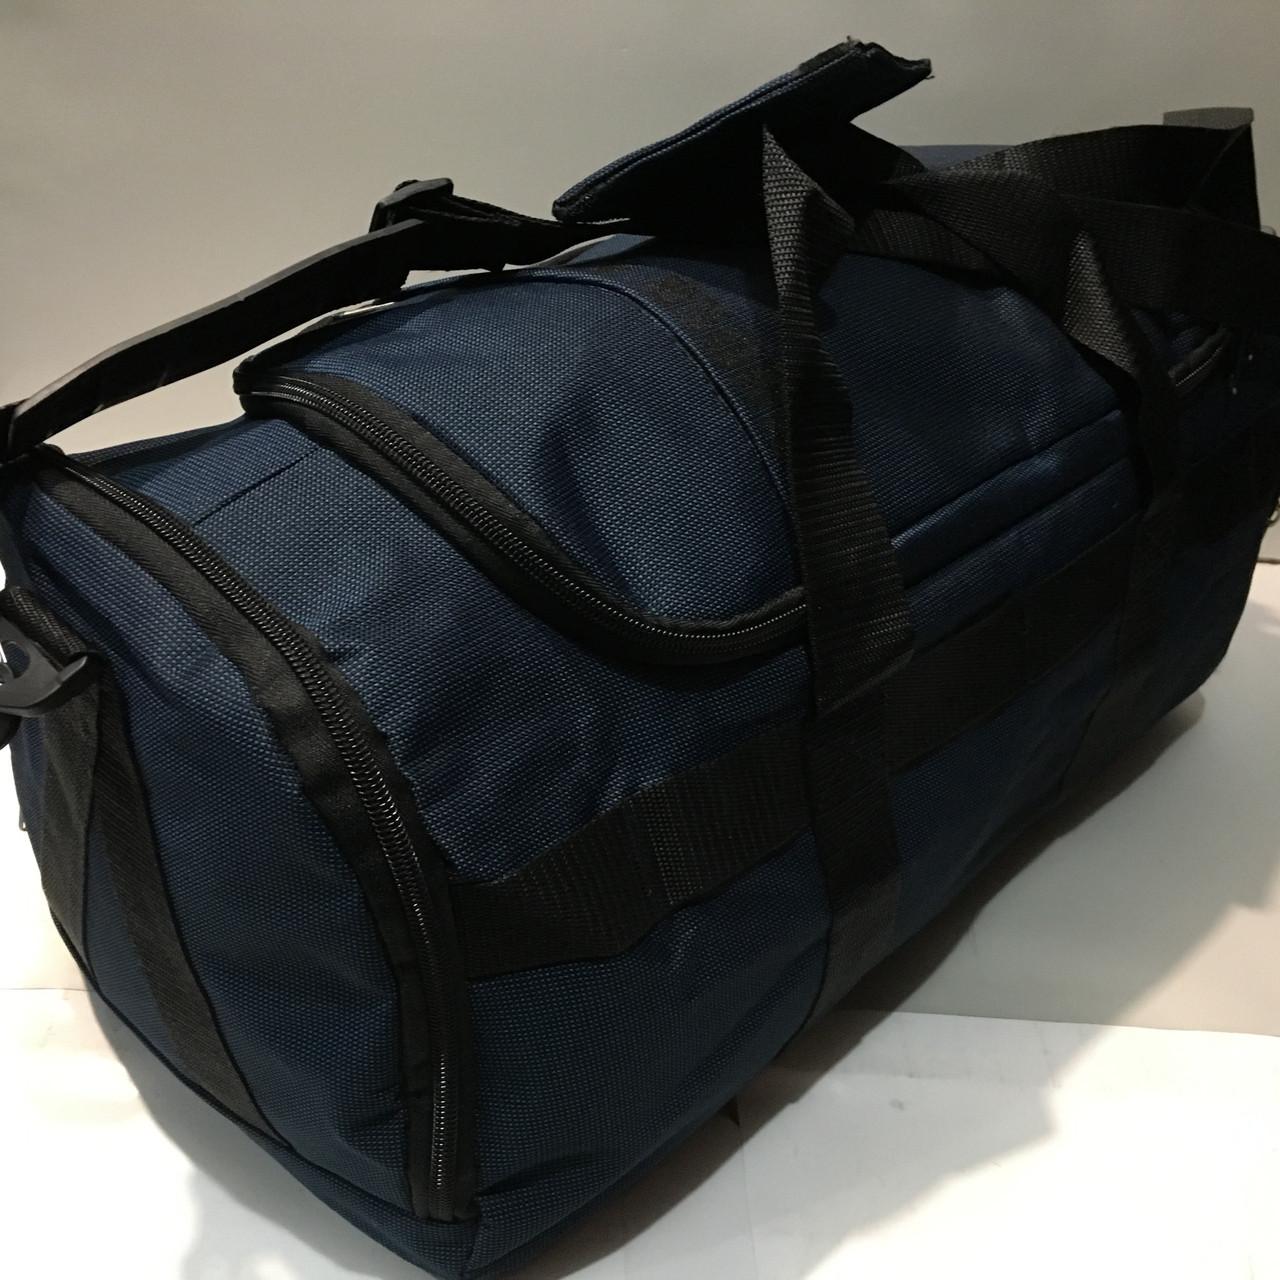 a7706a65 ... Спортивная, дорожная качественная сумка UNDER ARMOUR Сумка UNDER ARMOUR.  Сумка в дорогу оптом,